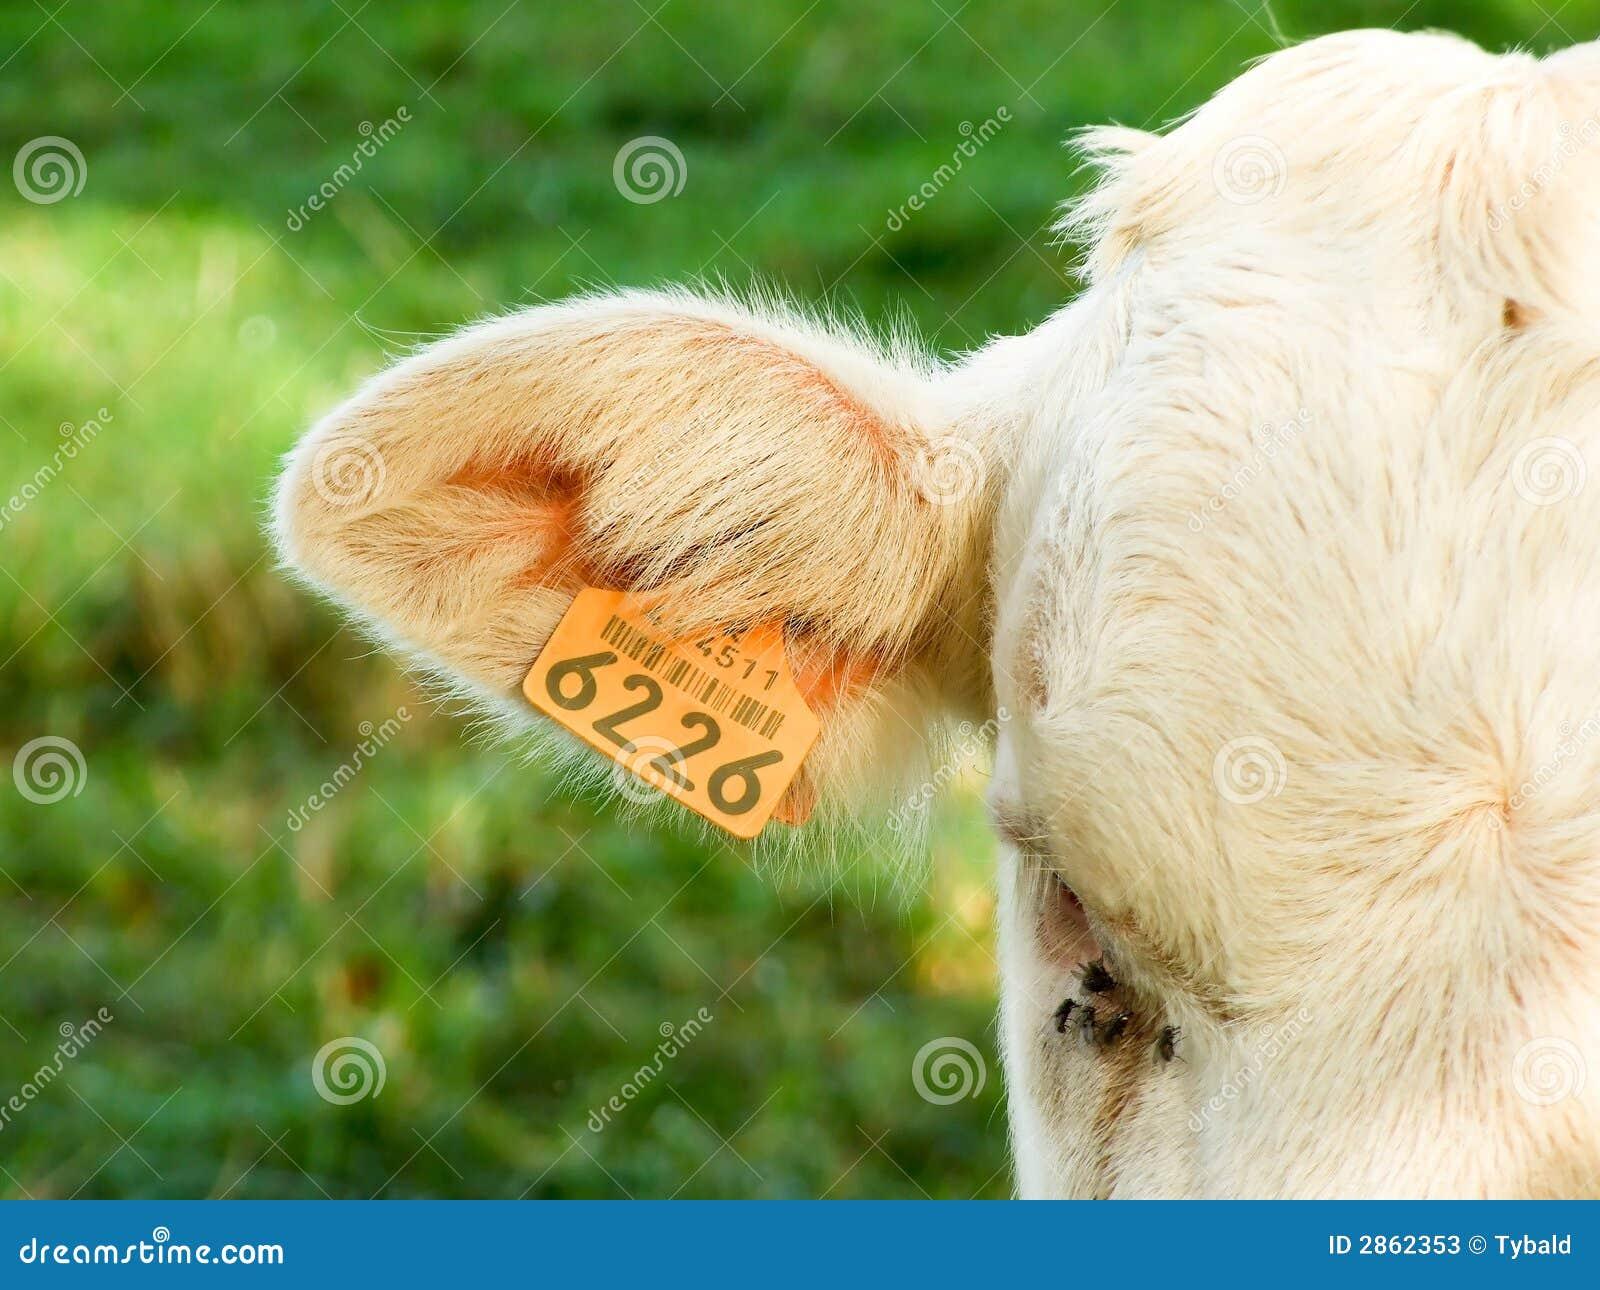 Étiquette Sur L'oreille D'une Vache Image stock Image